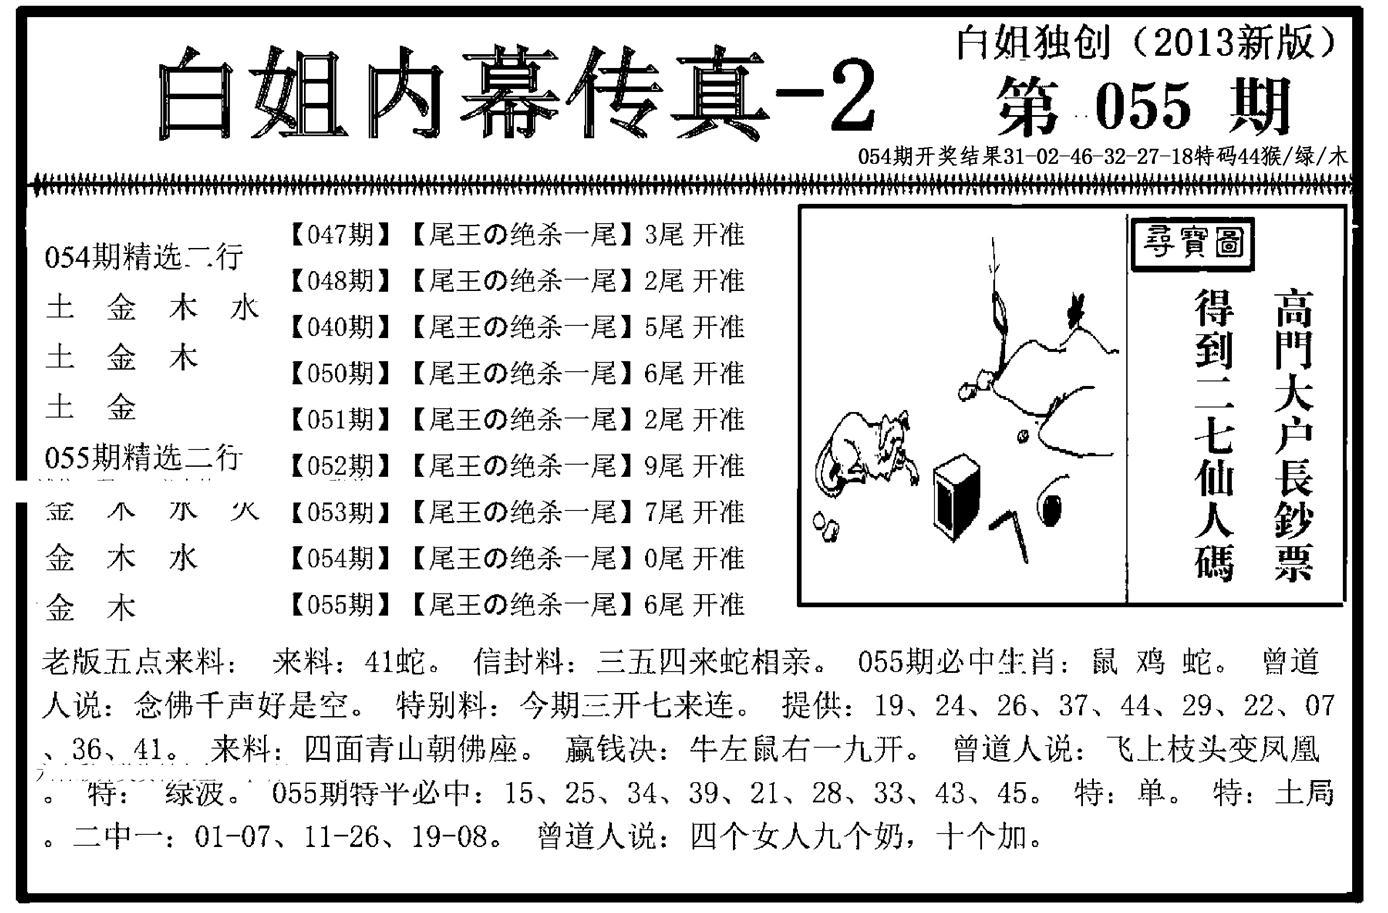 055期白姐内幕传真-2(黑白)